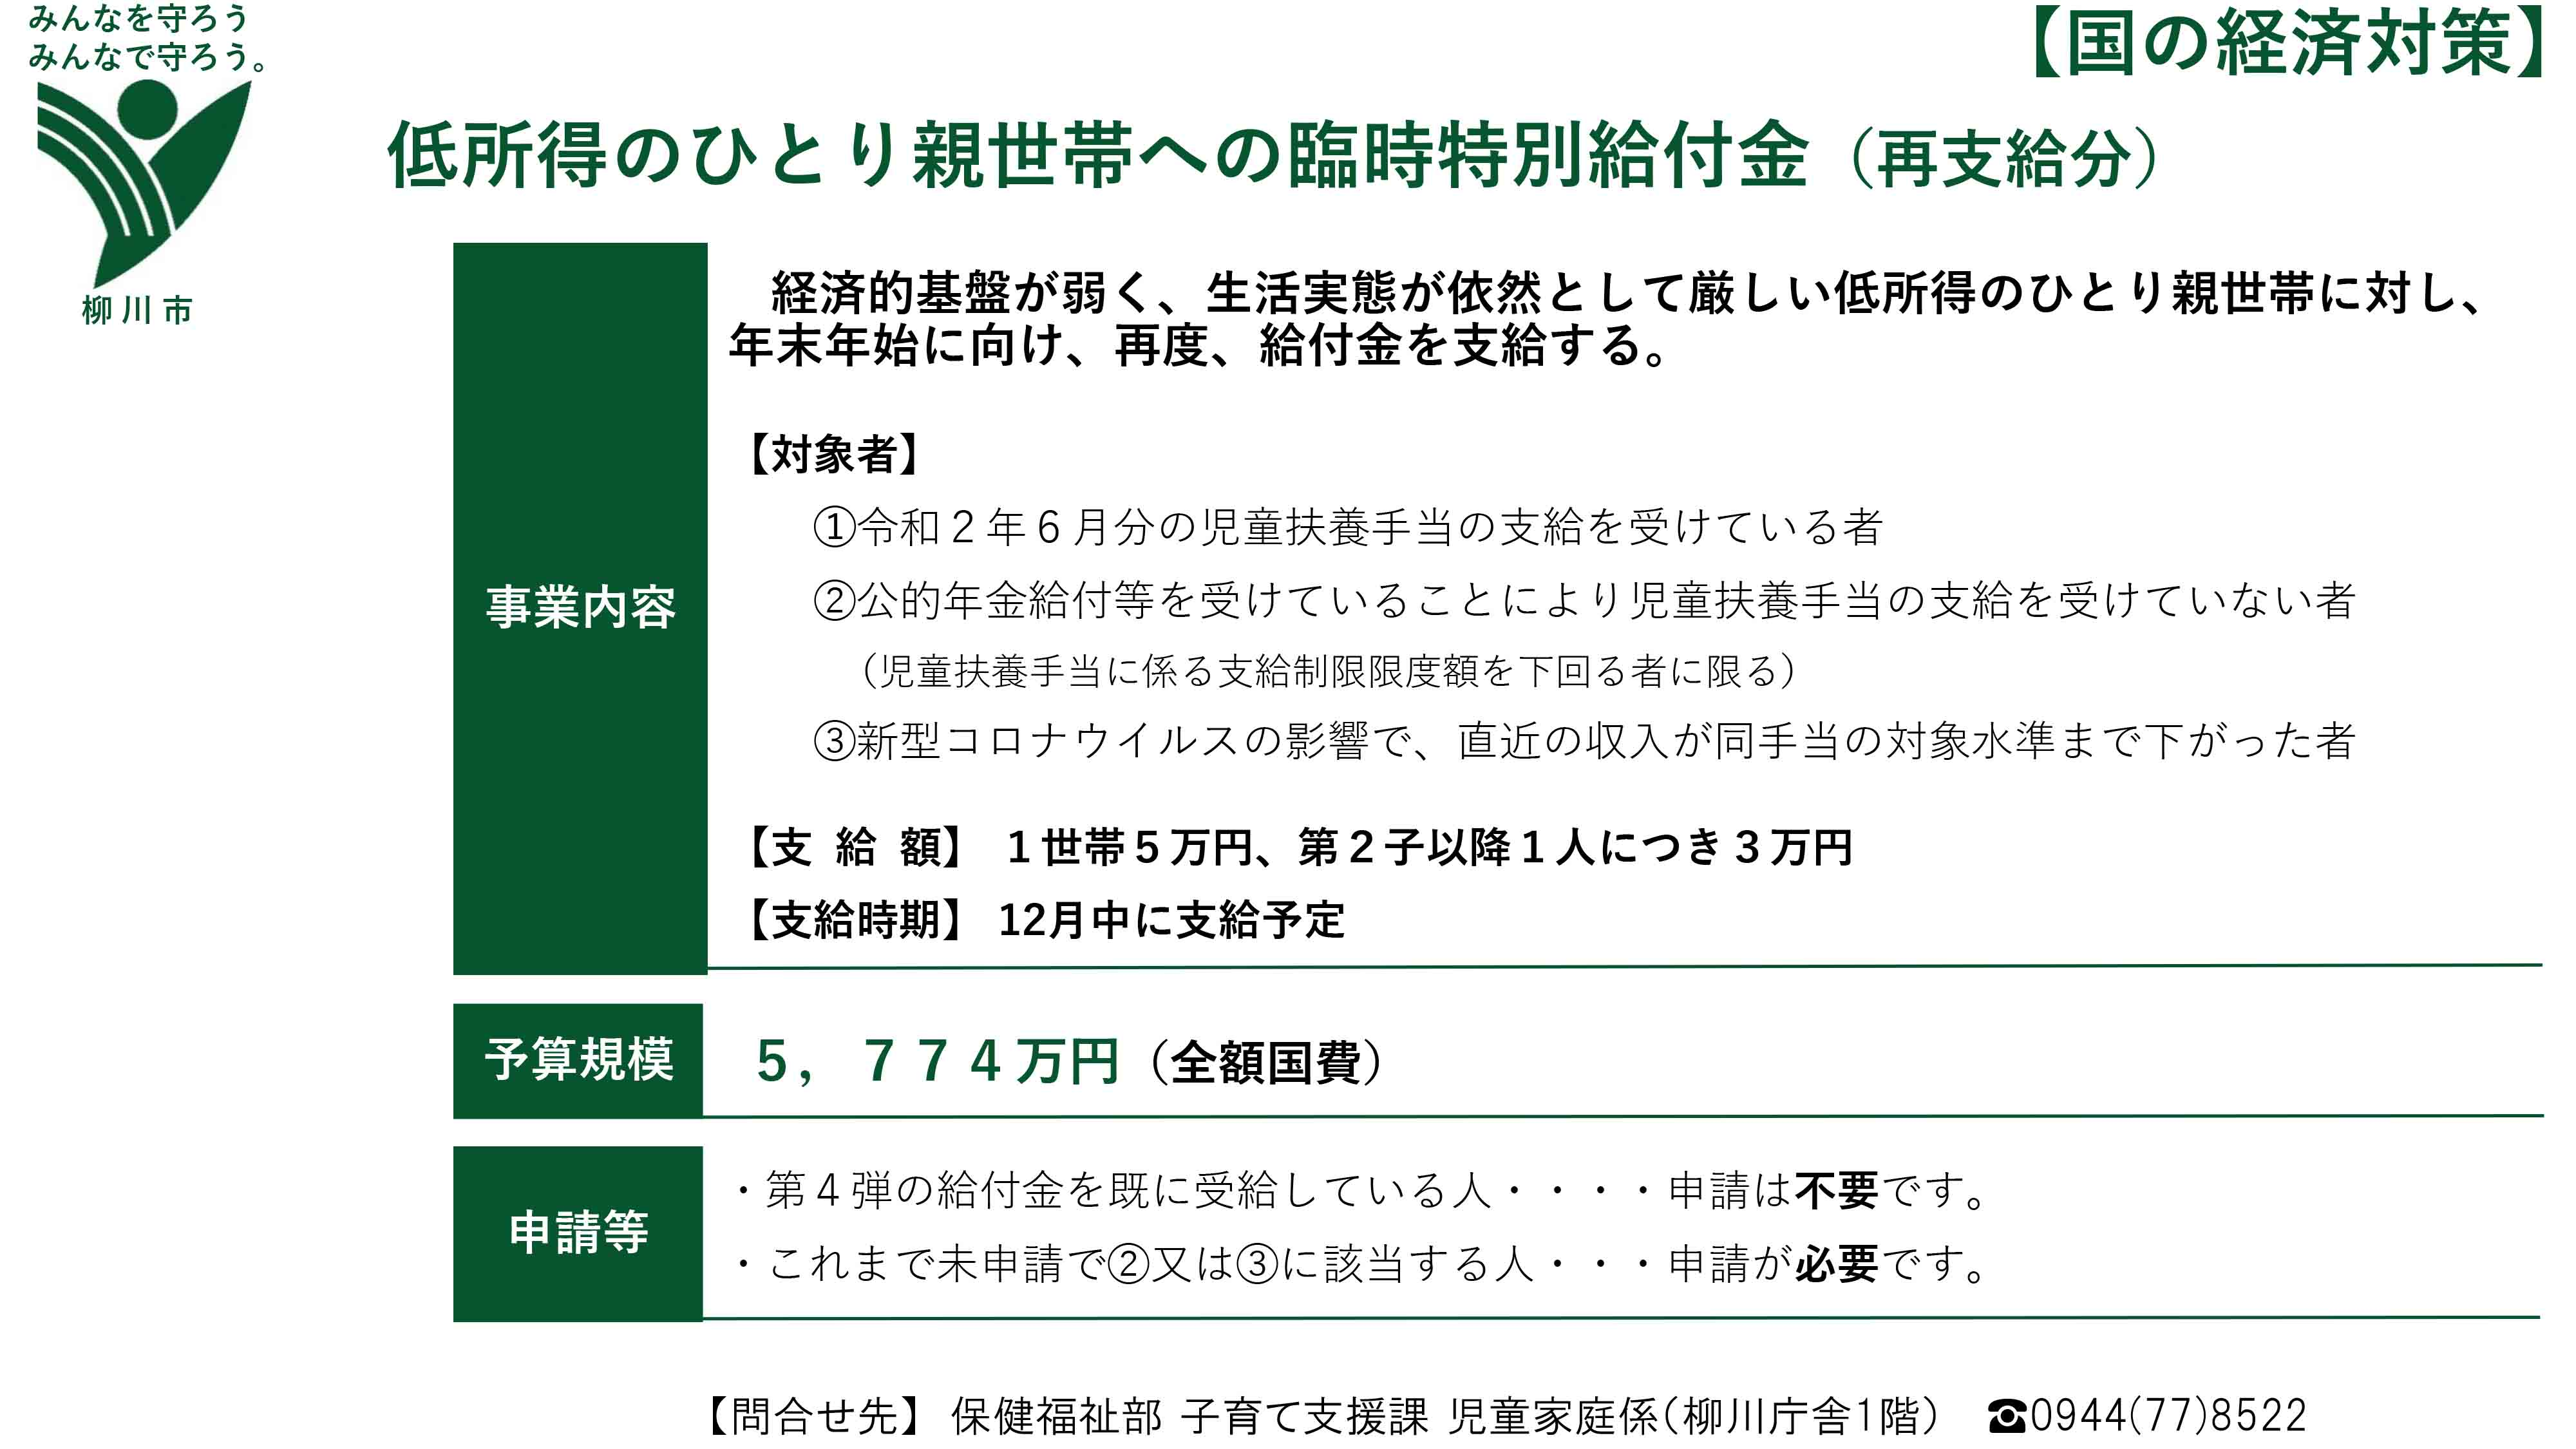 感染 コロナ 柳川 市 道内新たに17人コロナ感染 小樽「昼カラ」関連14人、市長が営業自粛要請:北海道新聞